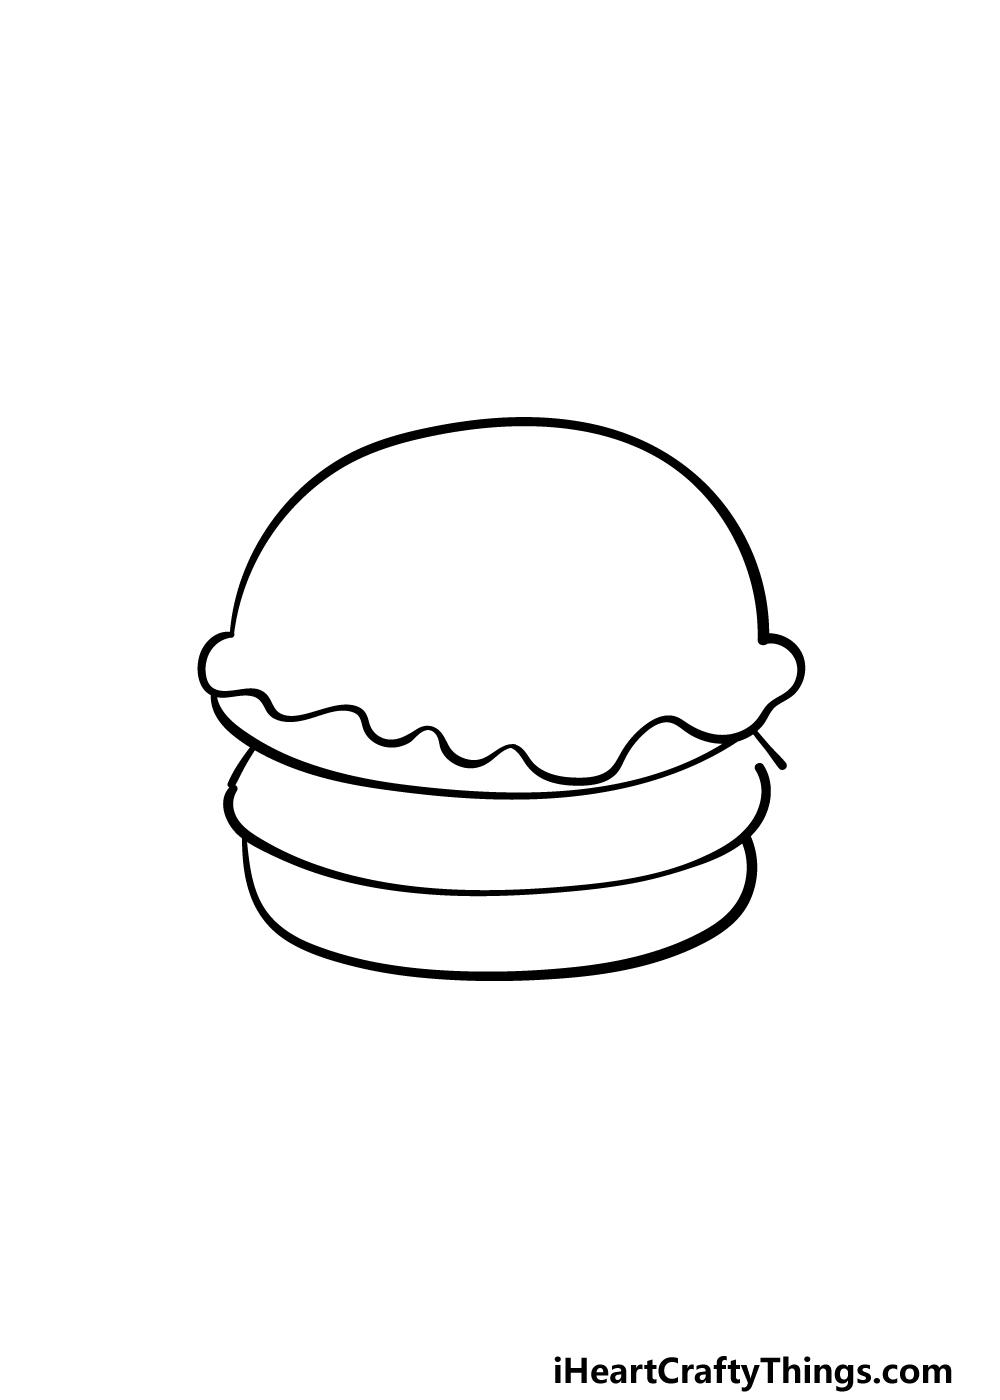 drawing a burger step 3